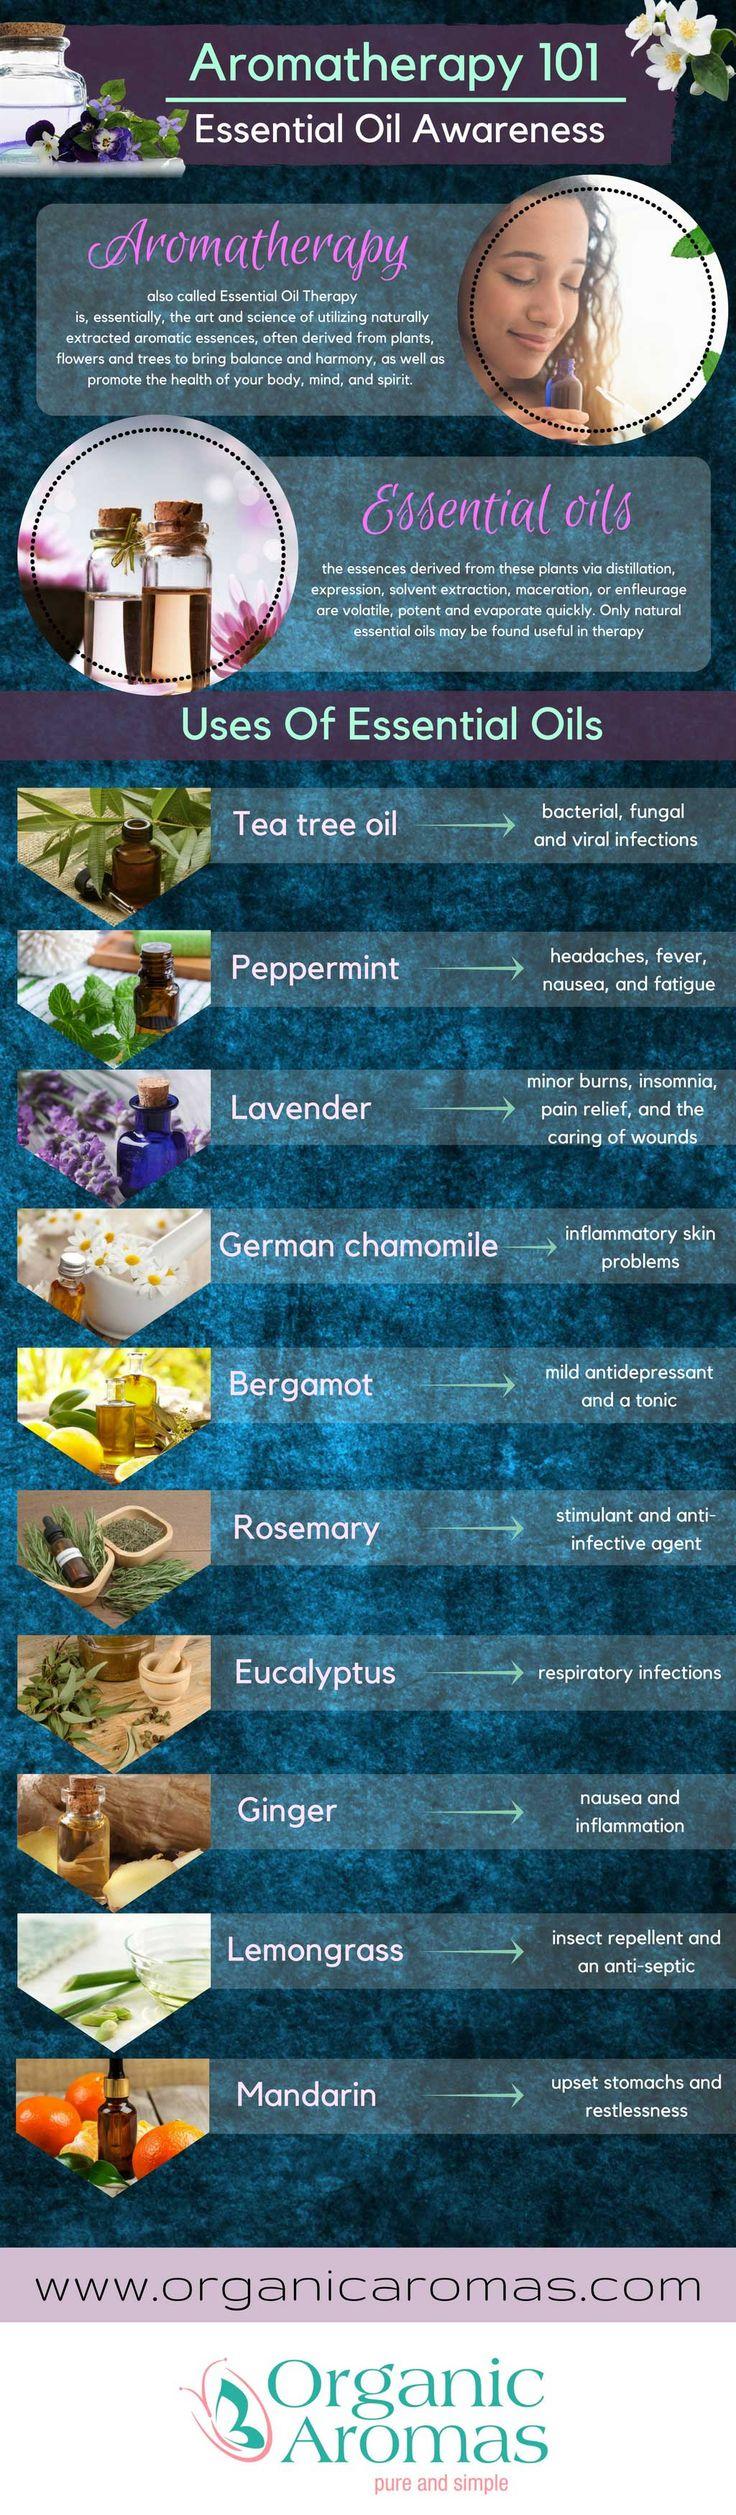 Aromatherapy 101: Essential Oils #InfoGraphic #OrganicAromas